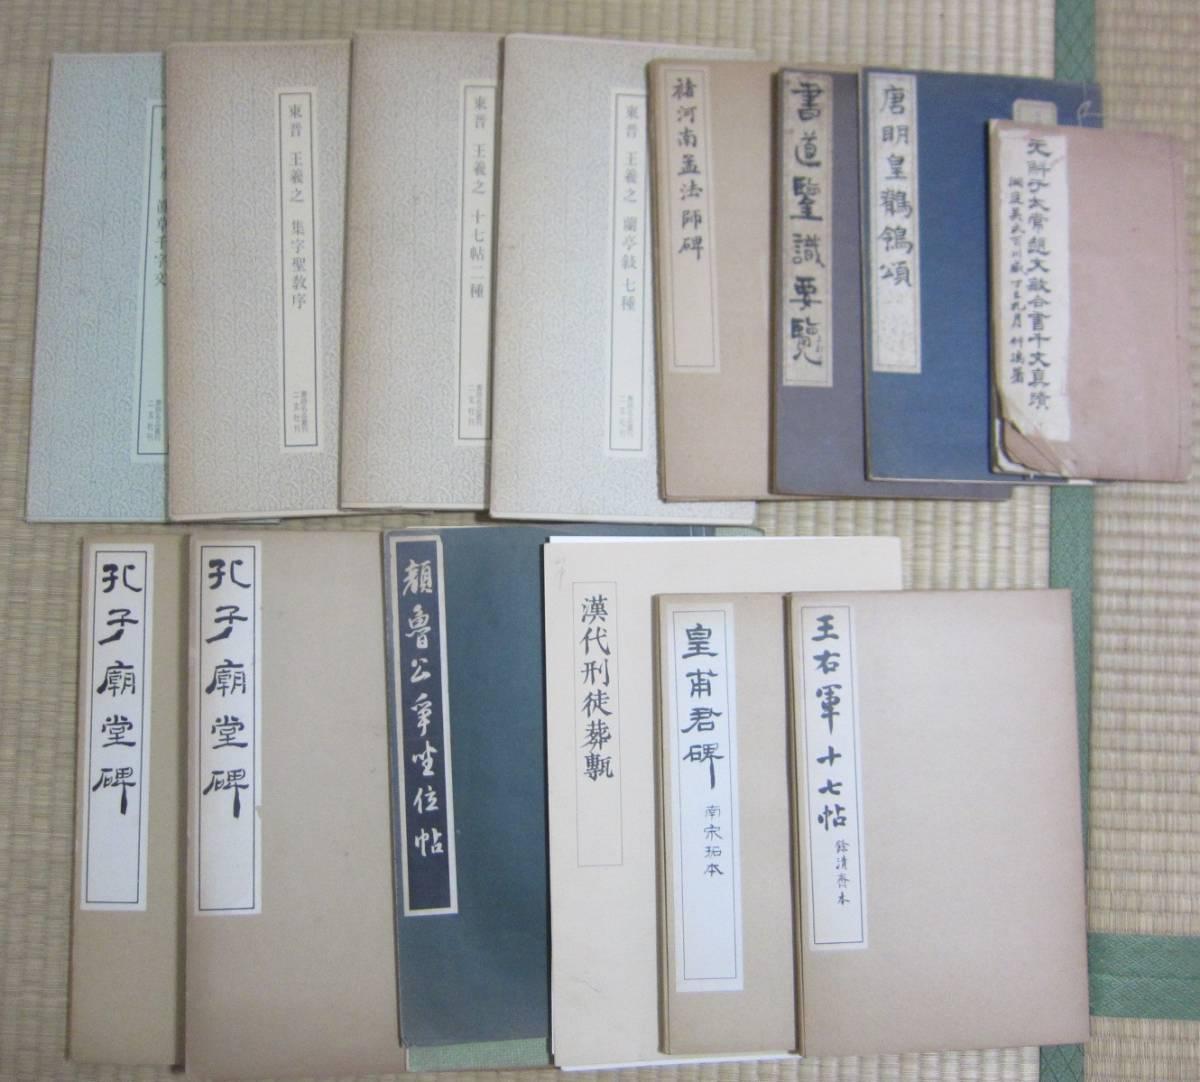 大量 碑帖15冊 唐本中国法帖 和本唐本漢籍碑拓本法帖碑帖